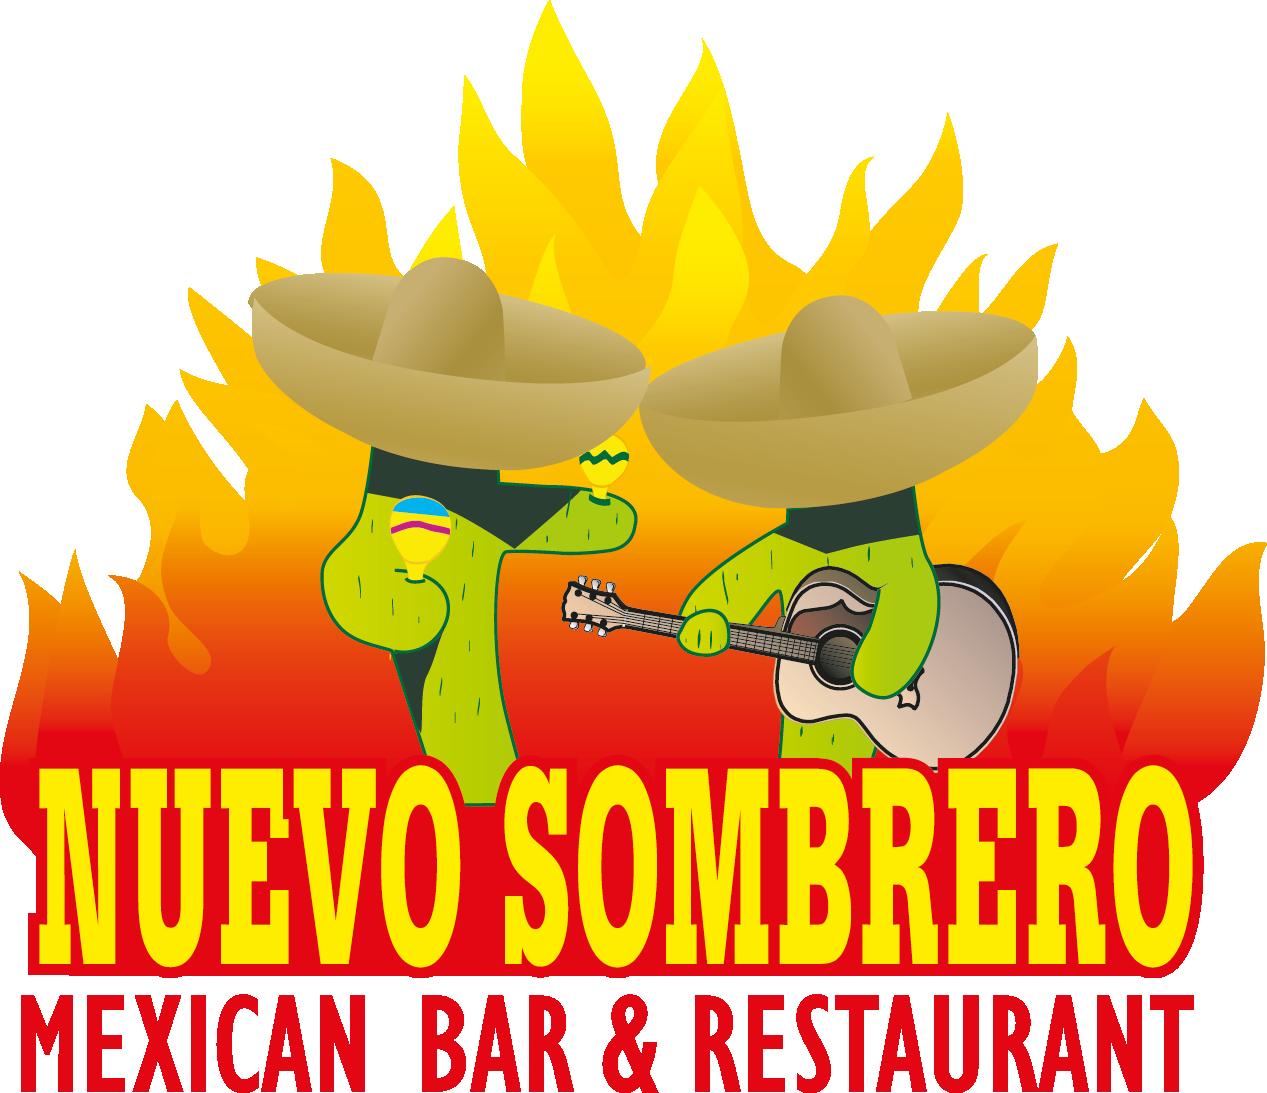 Nuevo Sombrero - Mexican Bar & Restaurant